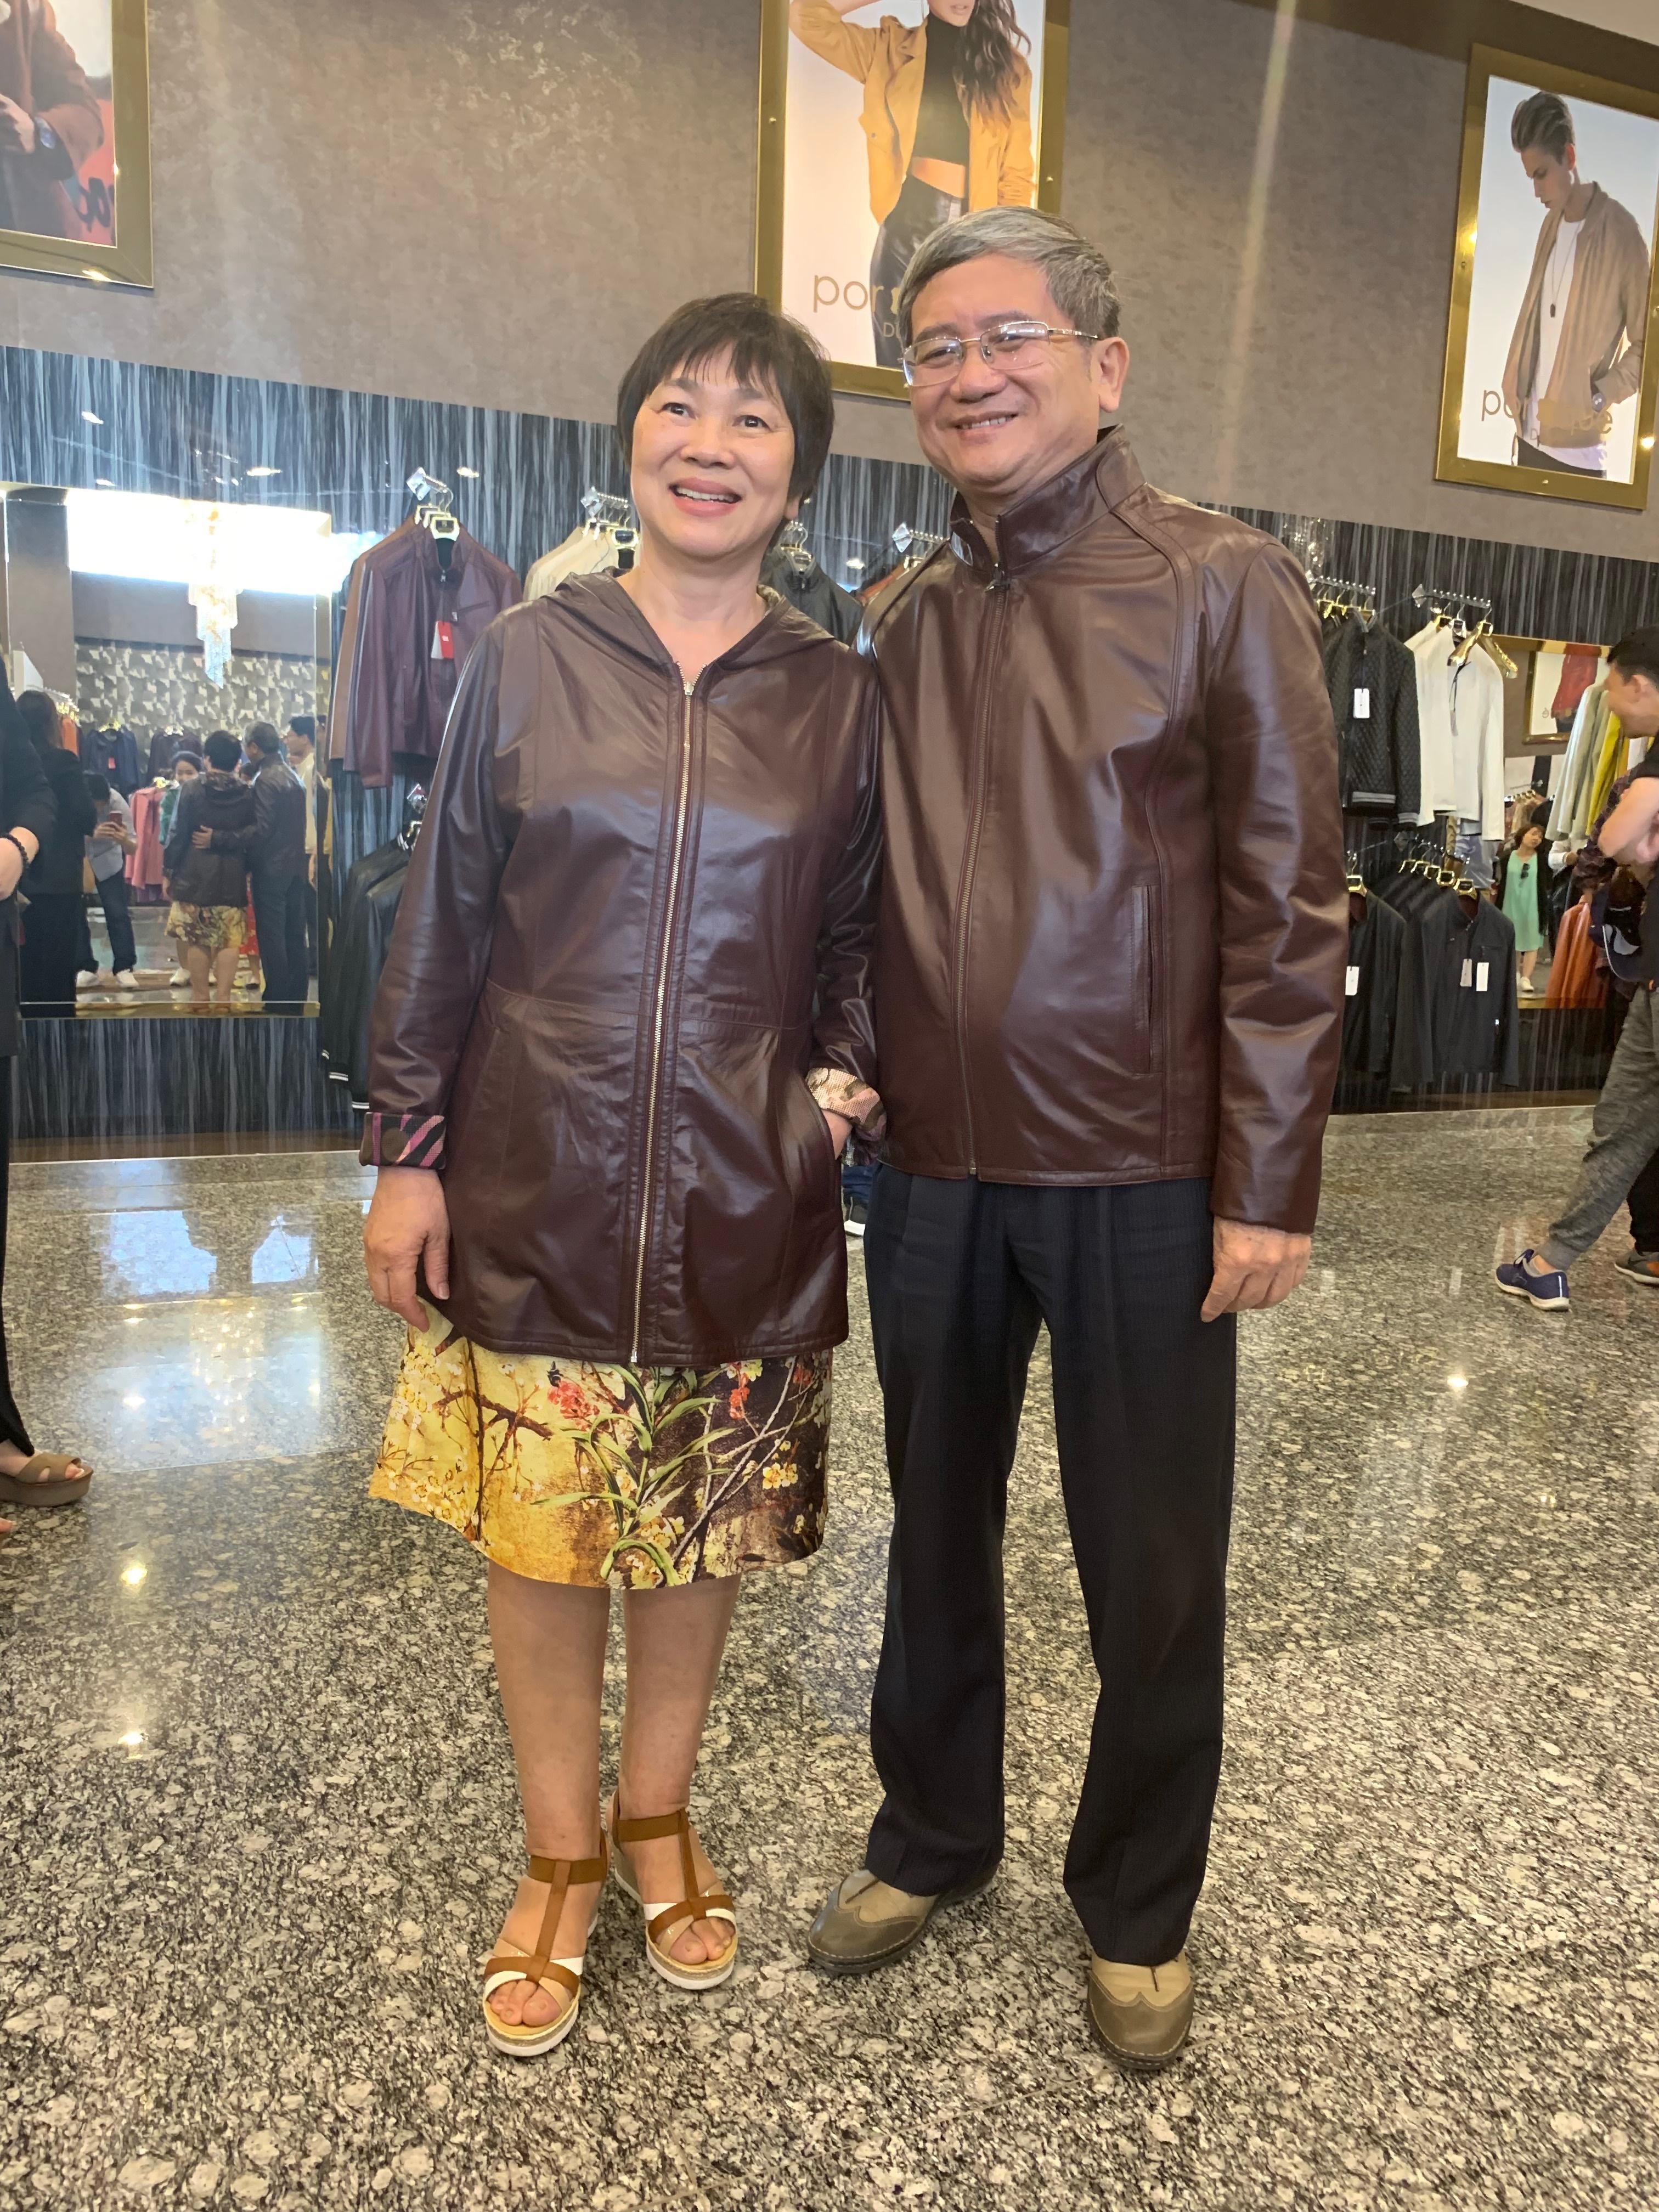 Anh Bùi Quang Ngọc - Phó Chủ tịch HĐQT FPT và phu nhân đã sắm một cặp áo đôi khá bảnh.